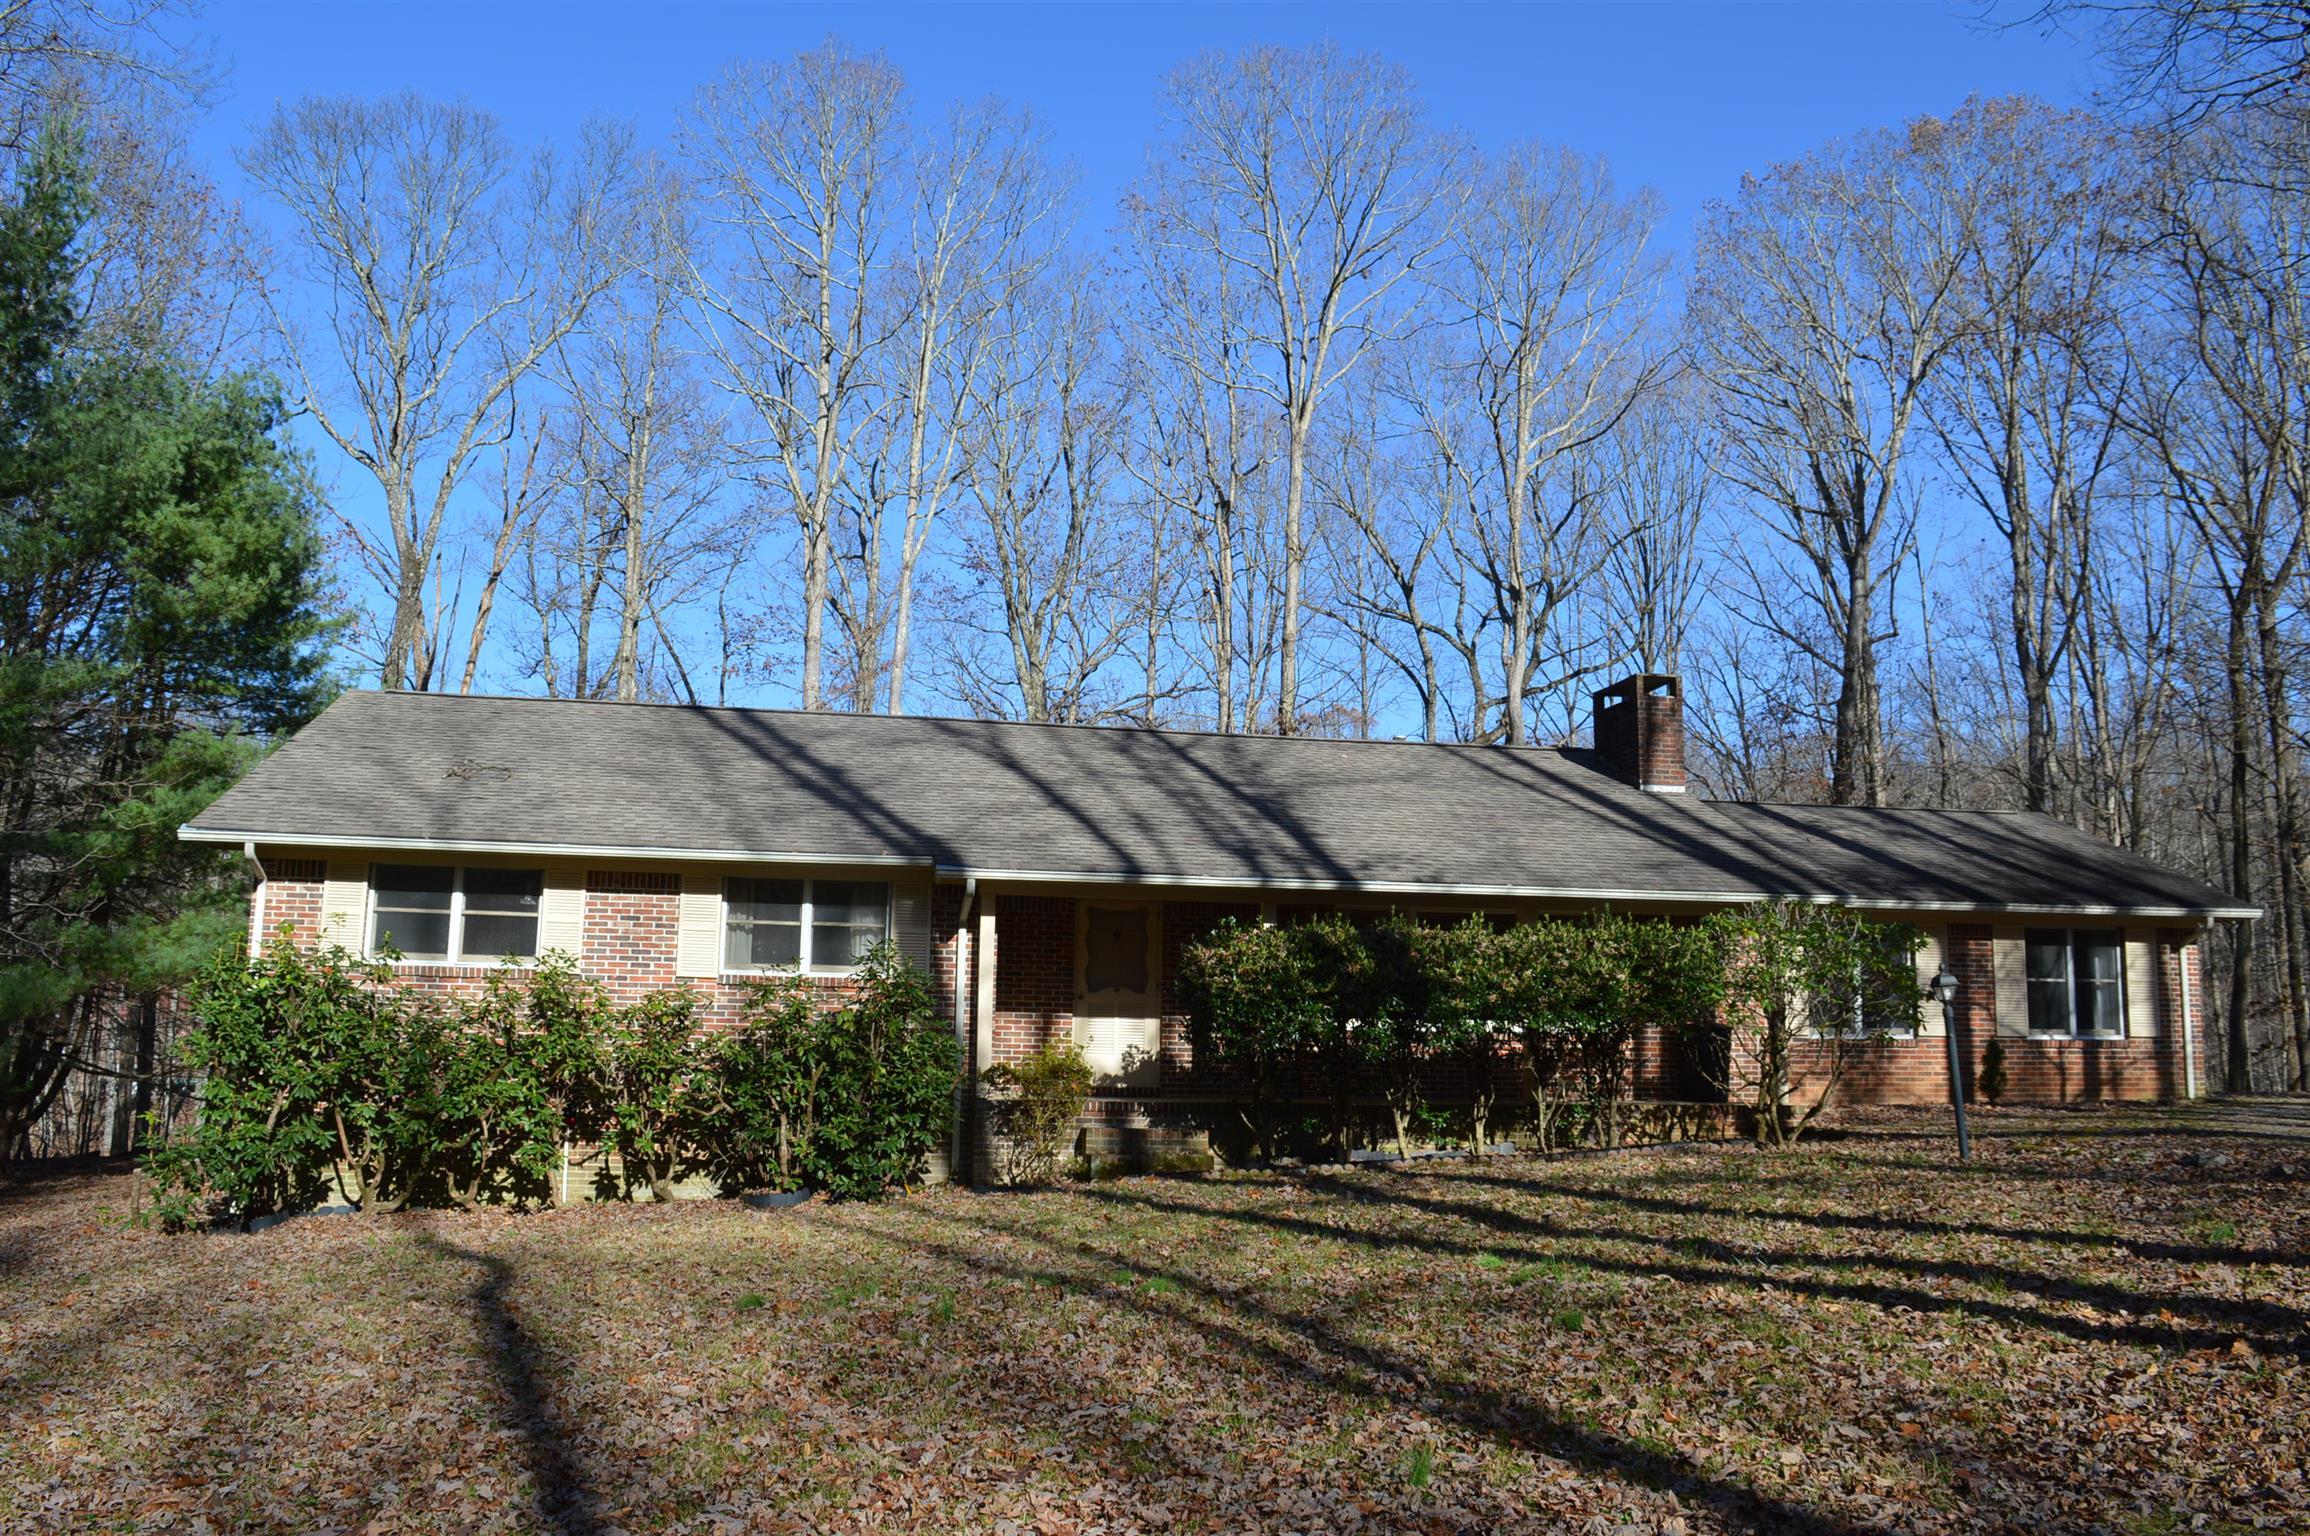 114 Maxon Ln, Sewanee, TN 37375 - Sewanee, TN real estate listing